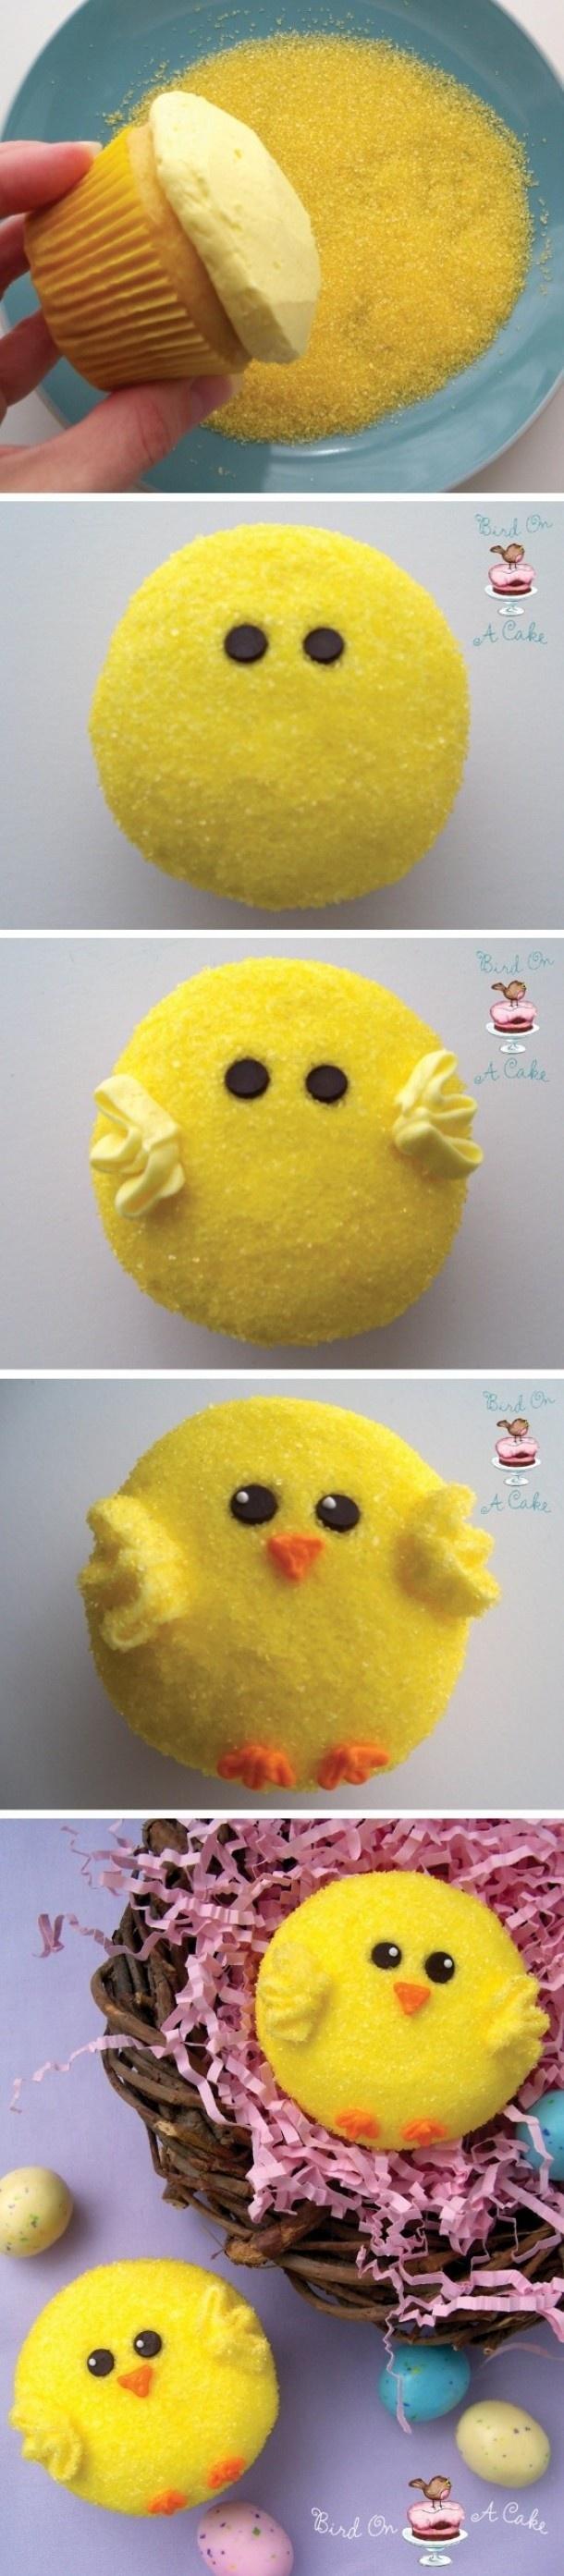 schattig zeg! kuiken-cupcakes voor pasen. Door kaylie